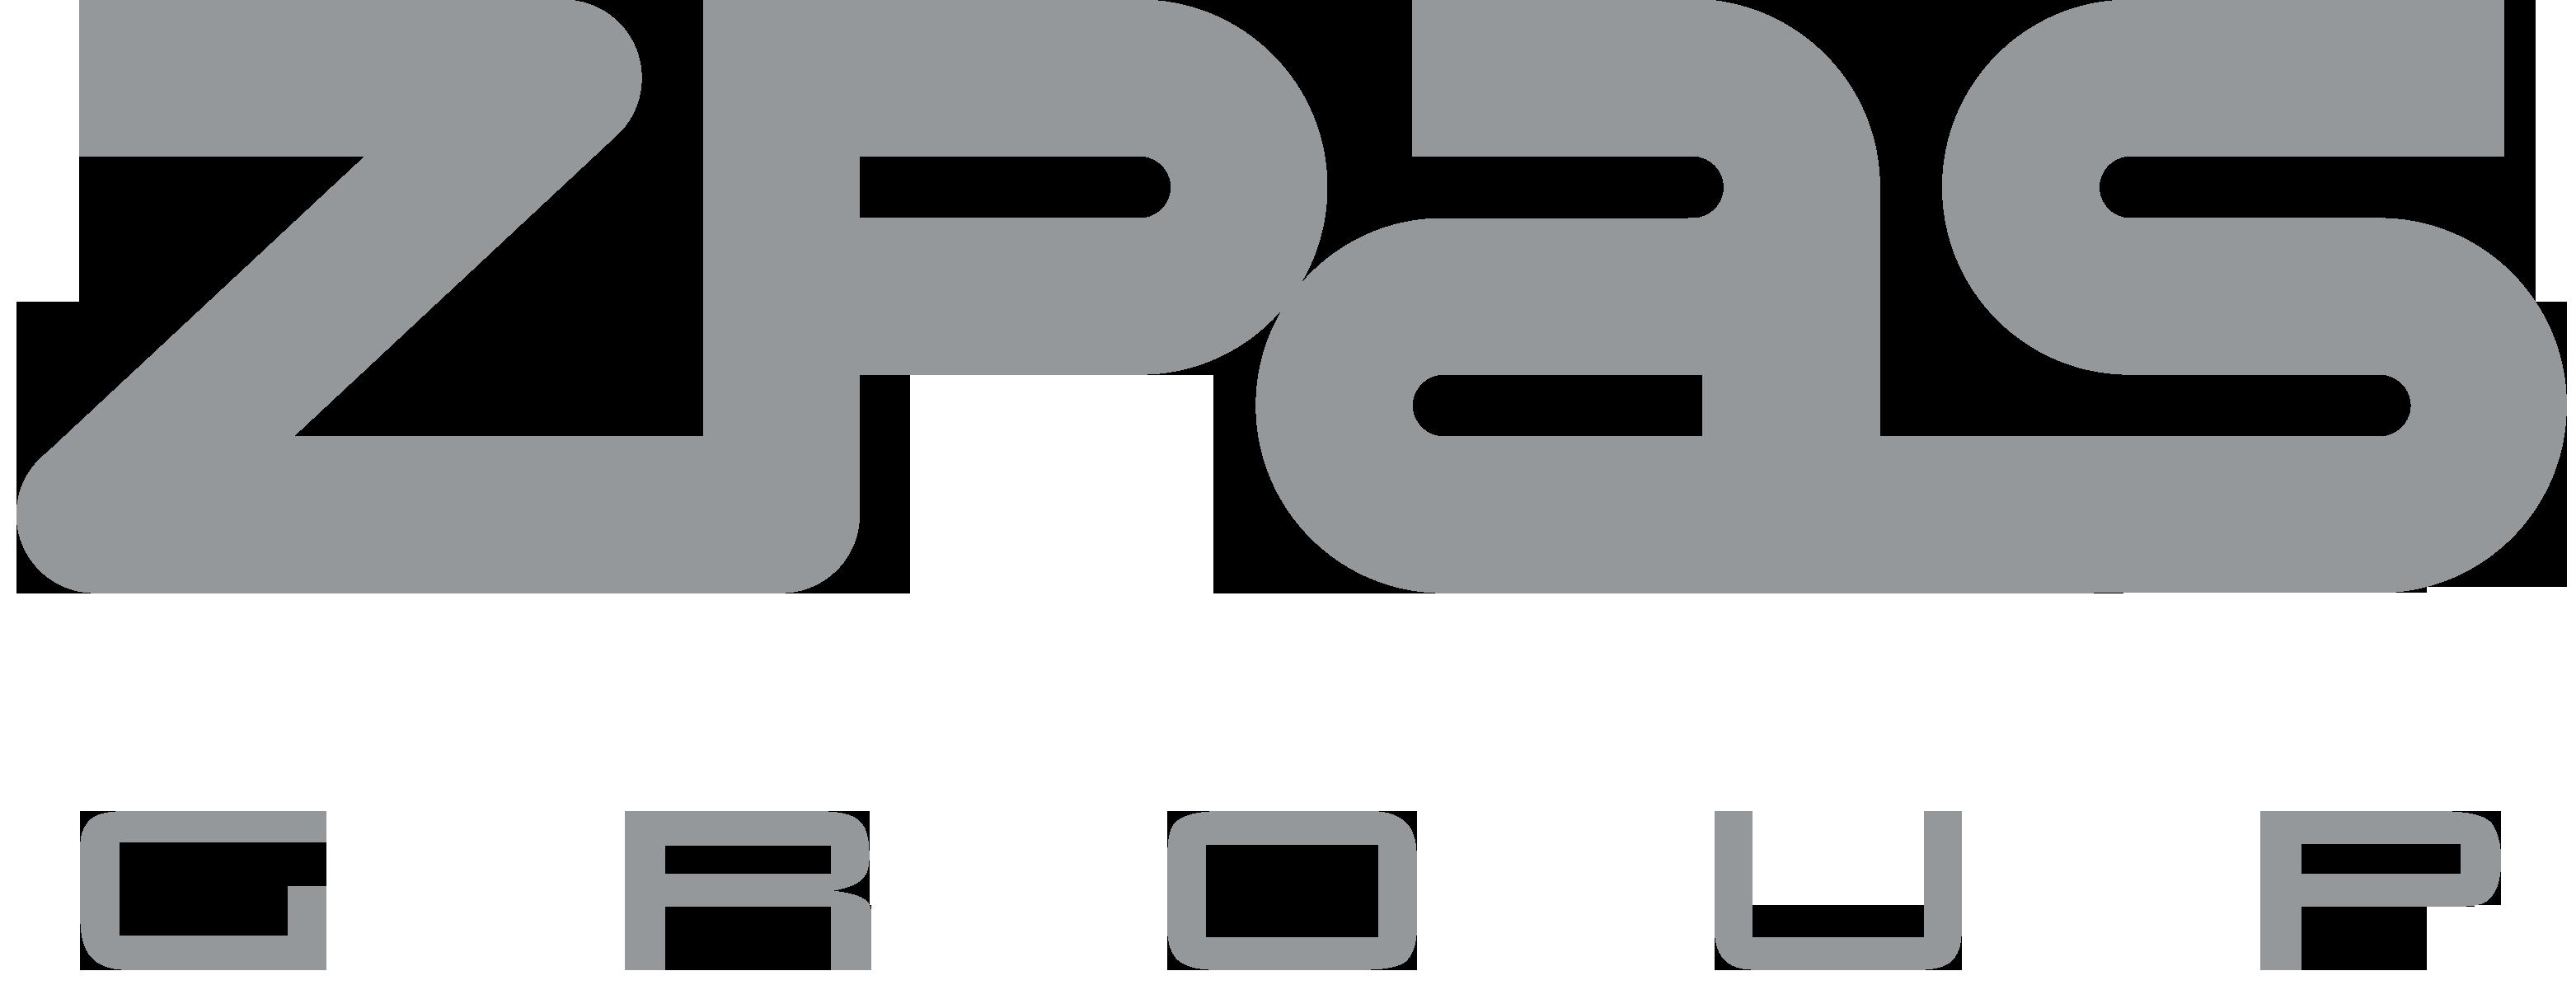 Z PAS, шкафы для серверной, промежуточные шкафы